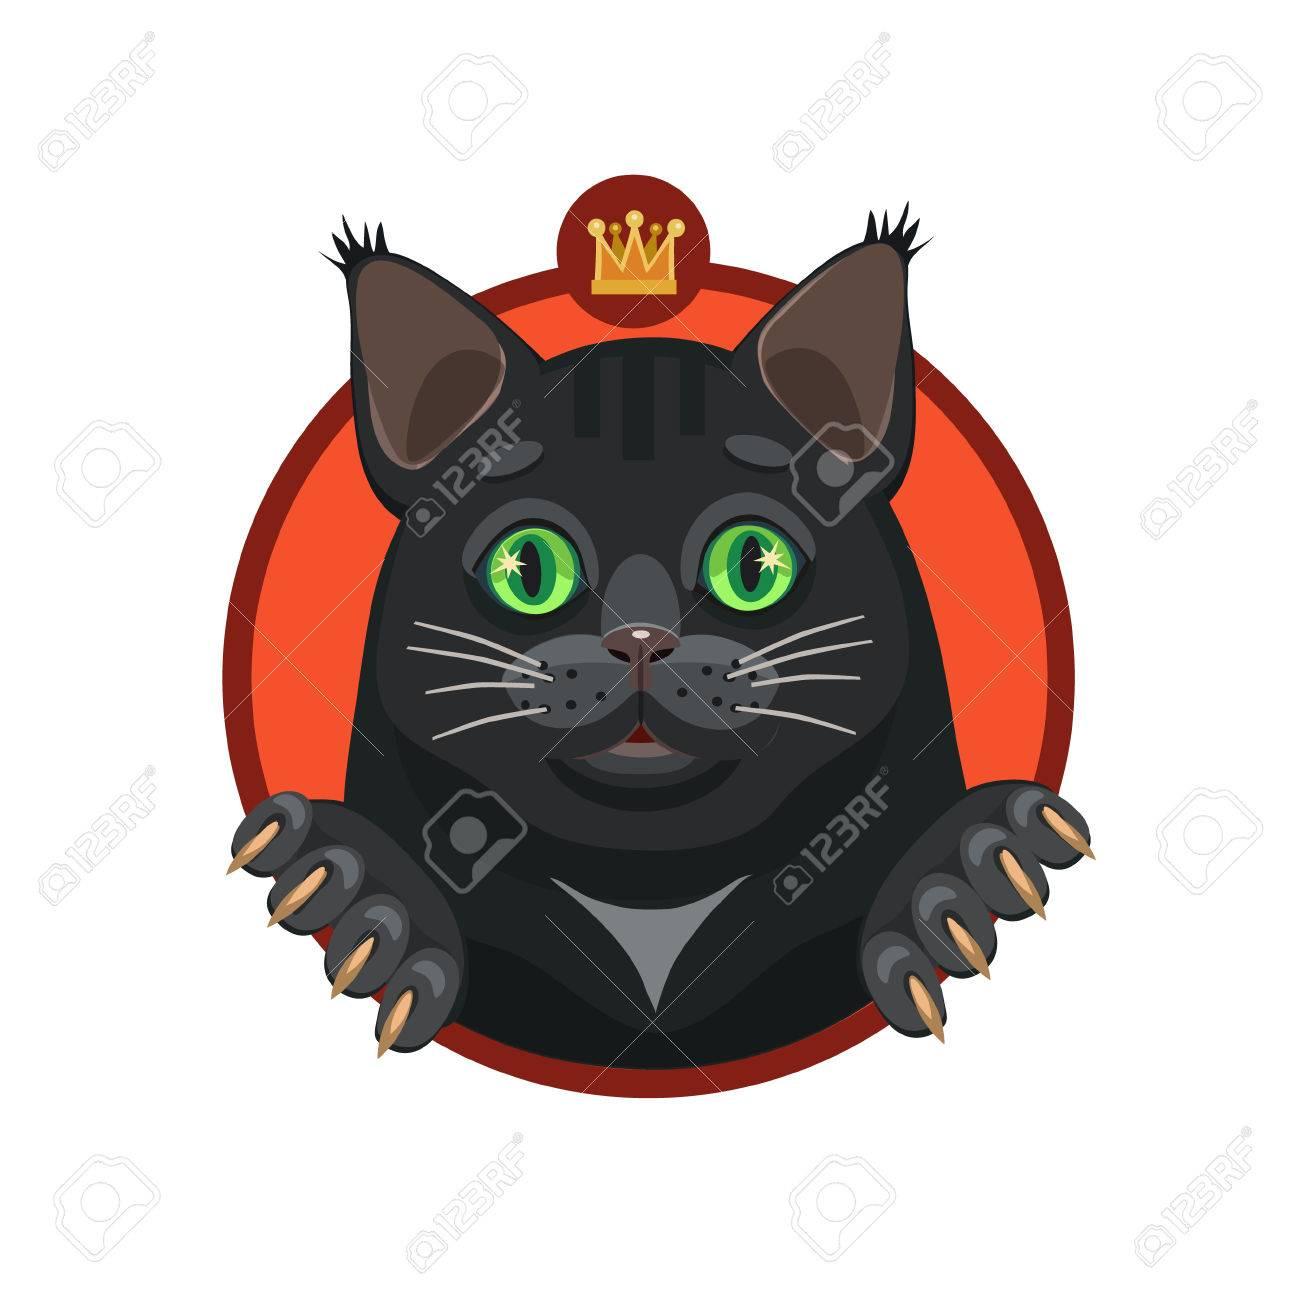 Vettoriale Il Gatto Nero Ti Guarda Con Gli Occhi Verdi Loro